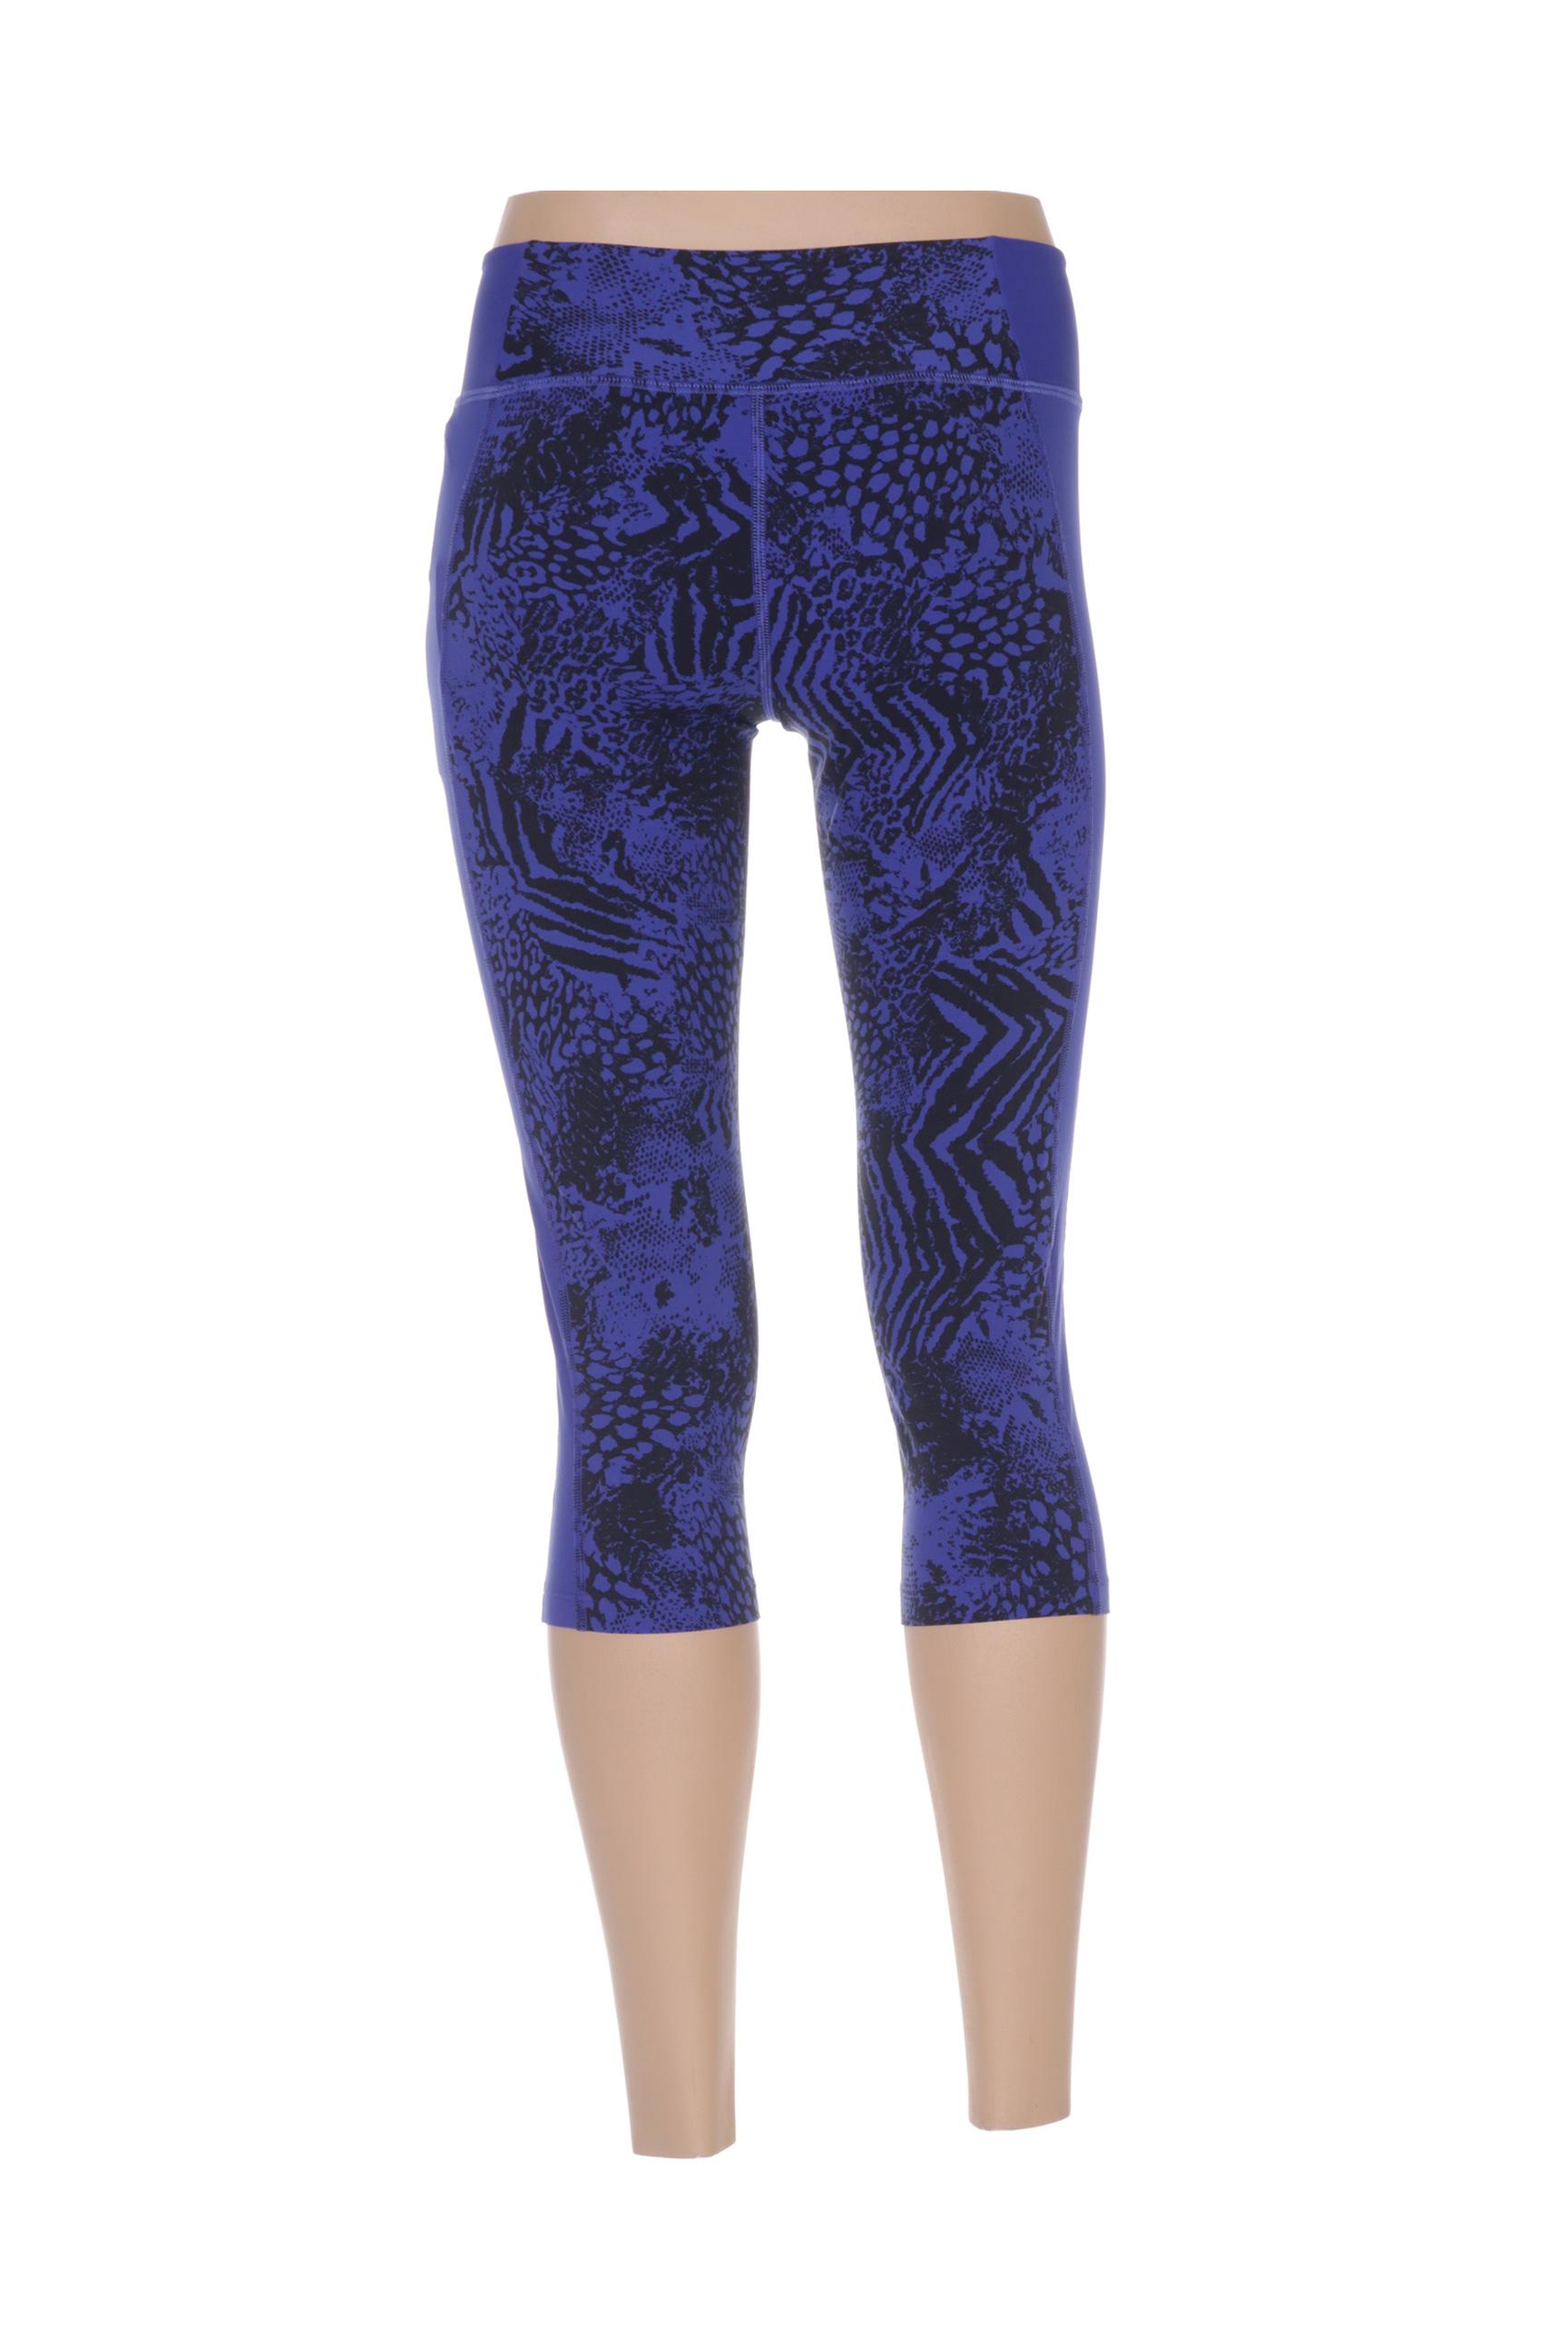 Deha Leggings Femme De Couleur Bleu En Soldes Pas Cher 1321192-bleu00